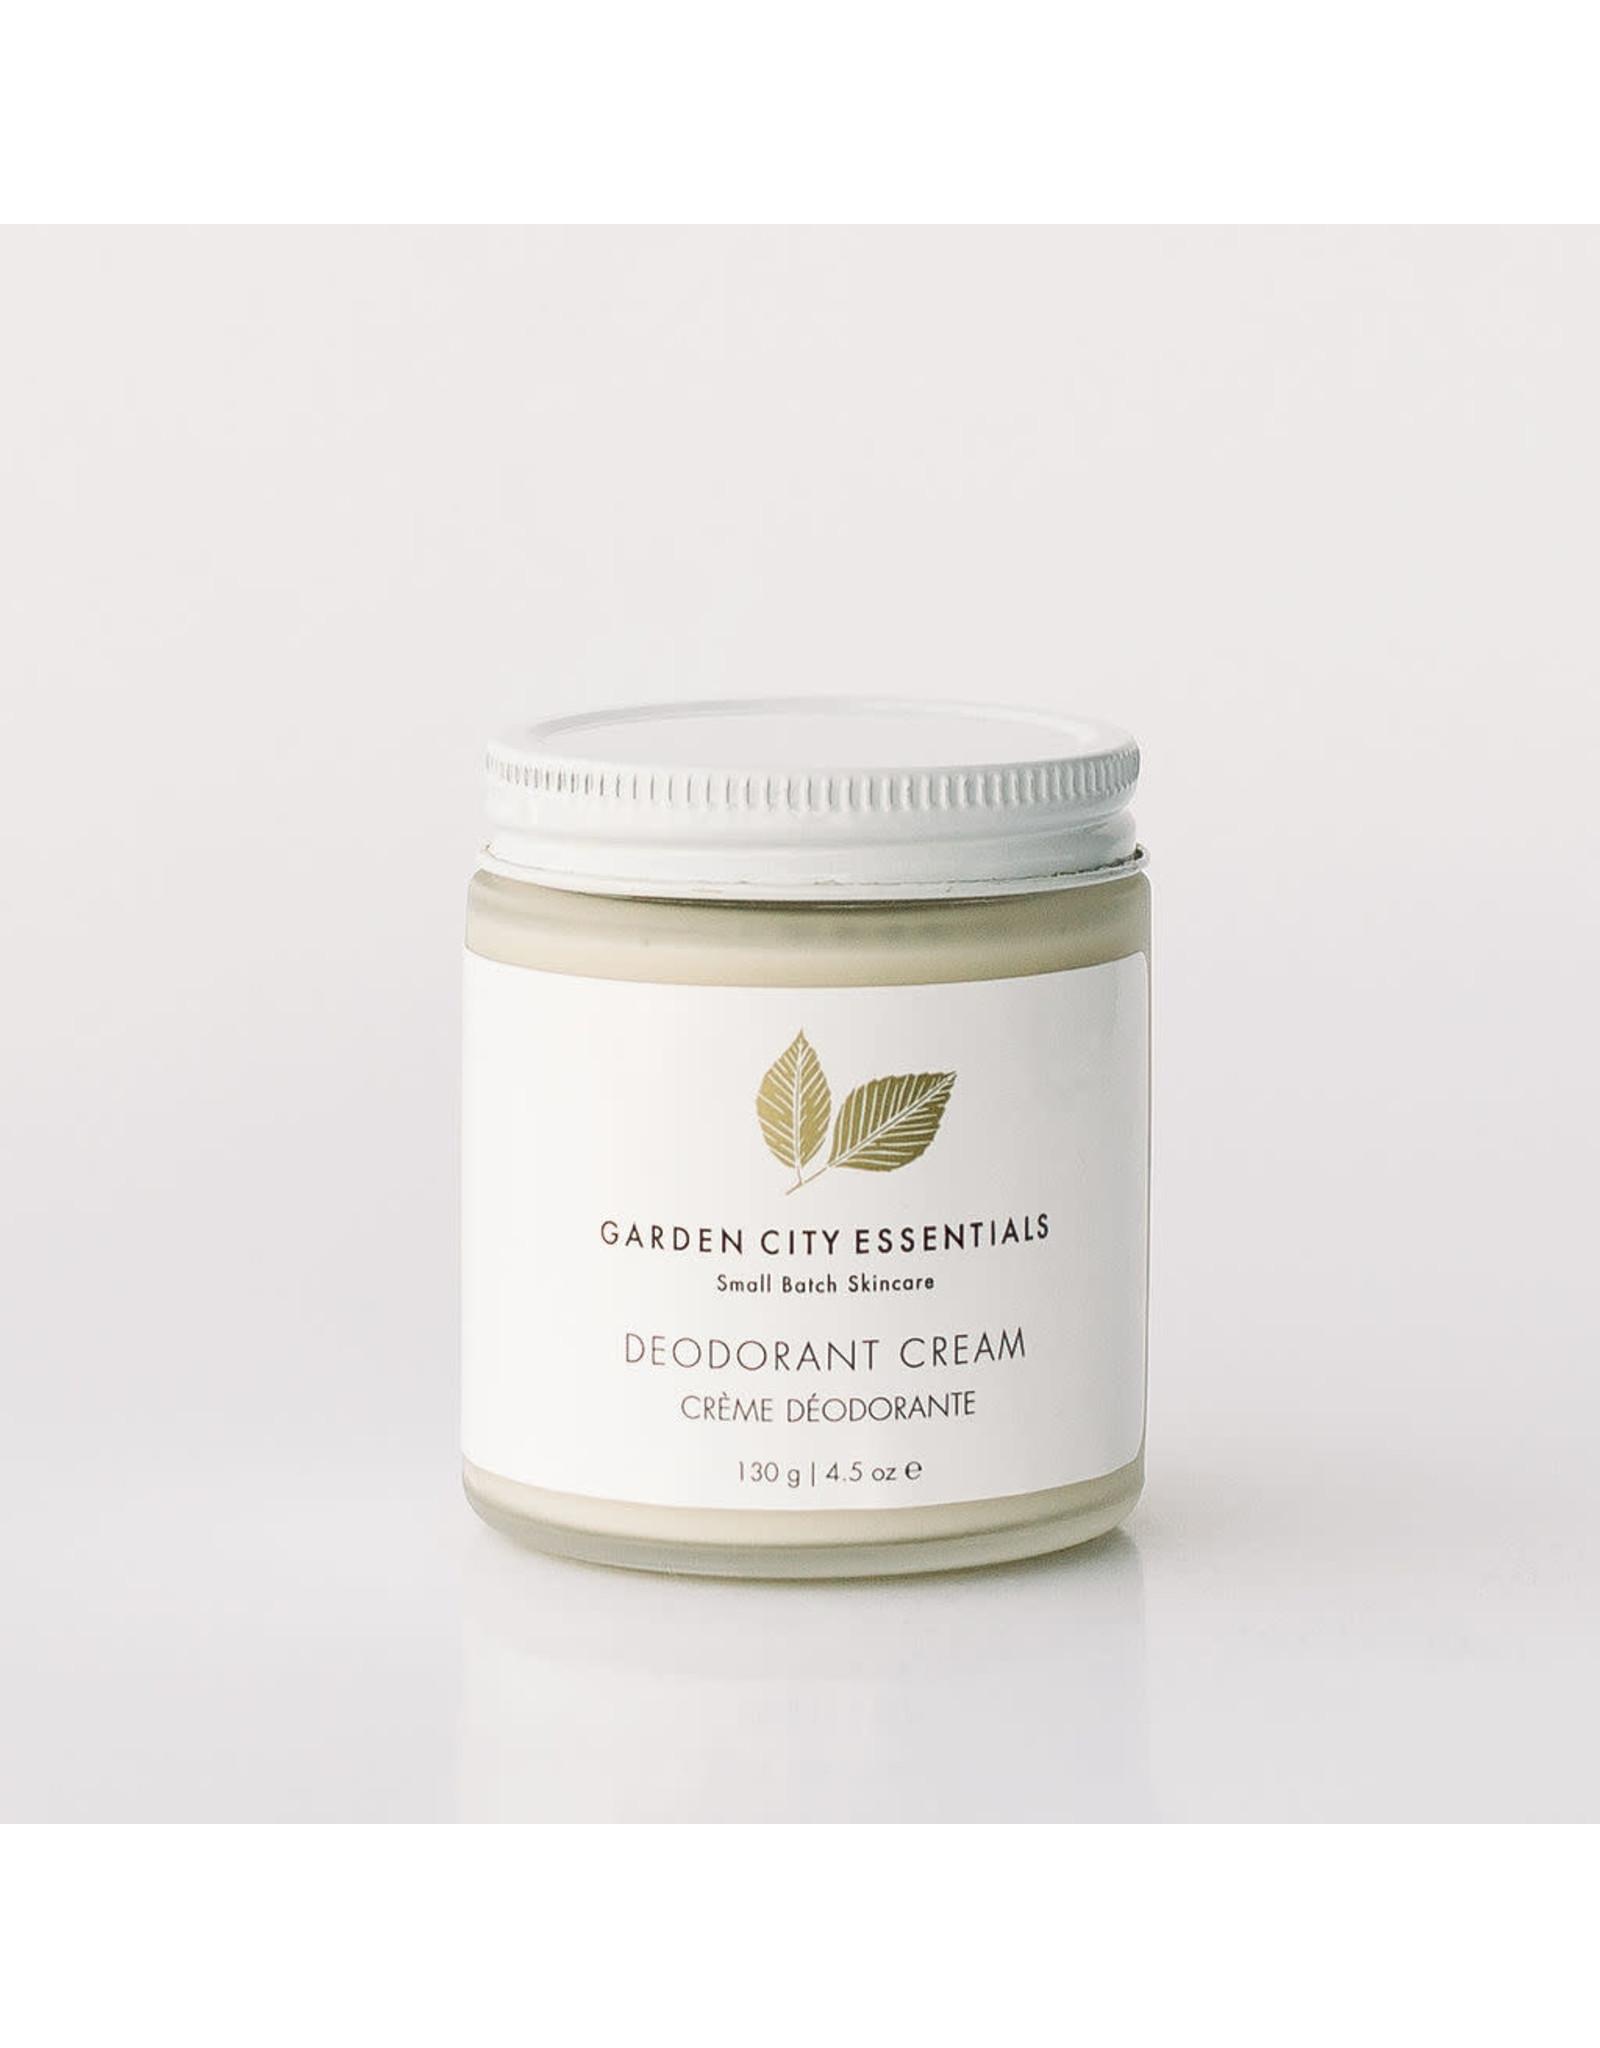 Garden City Essentials DEODORANT CREAM